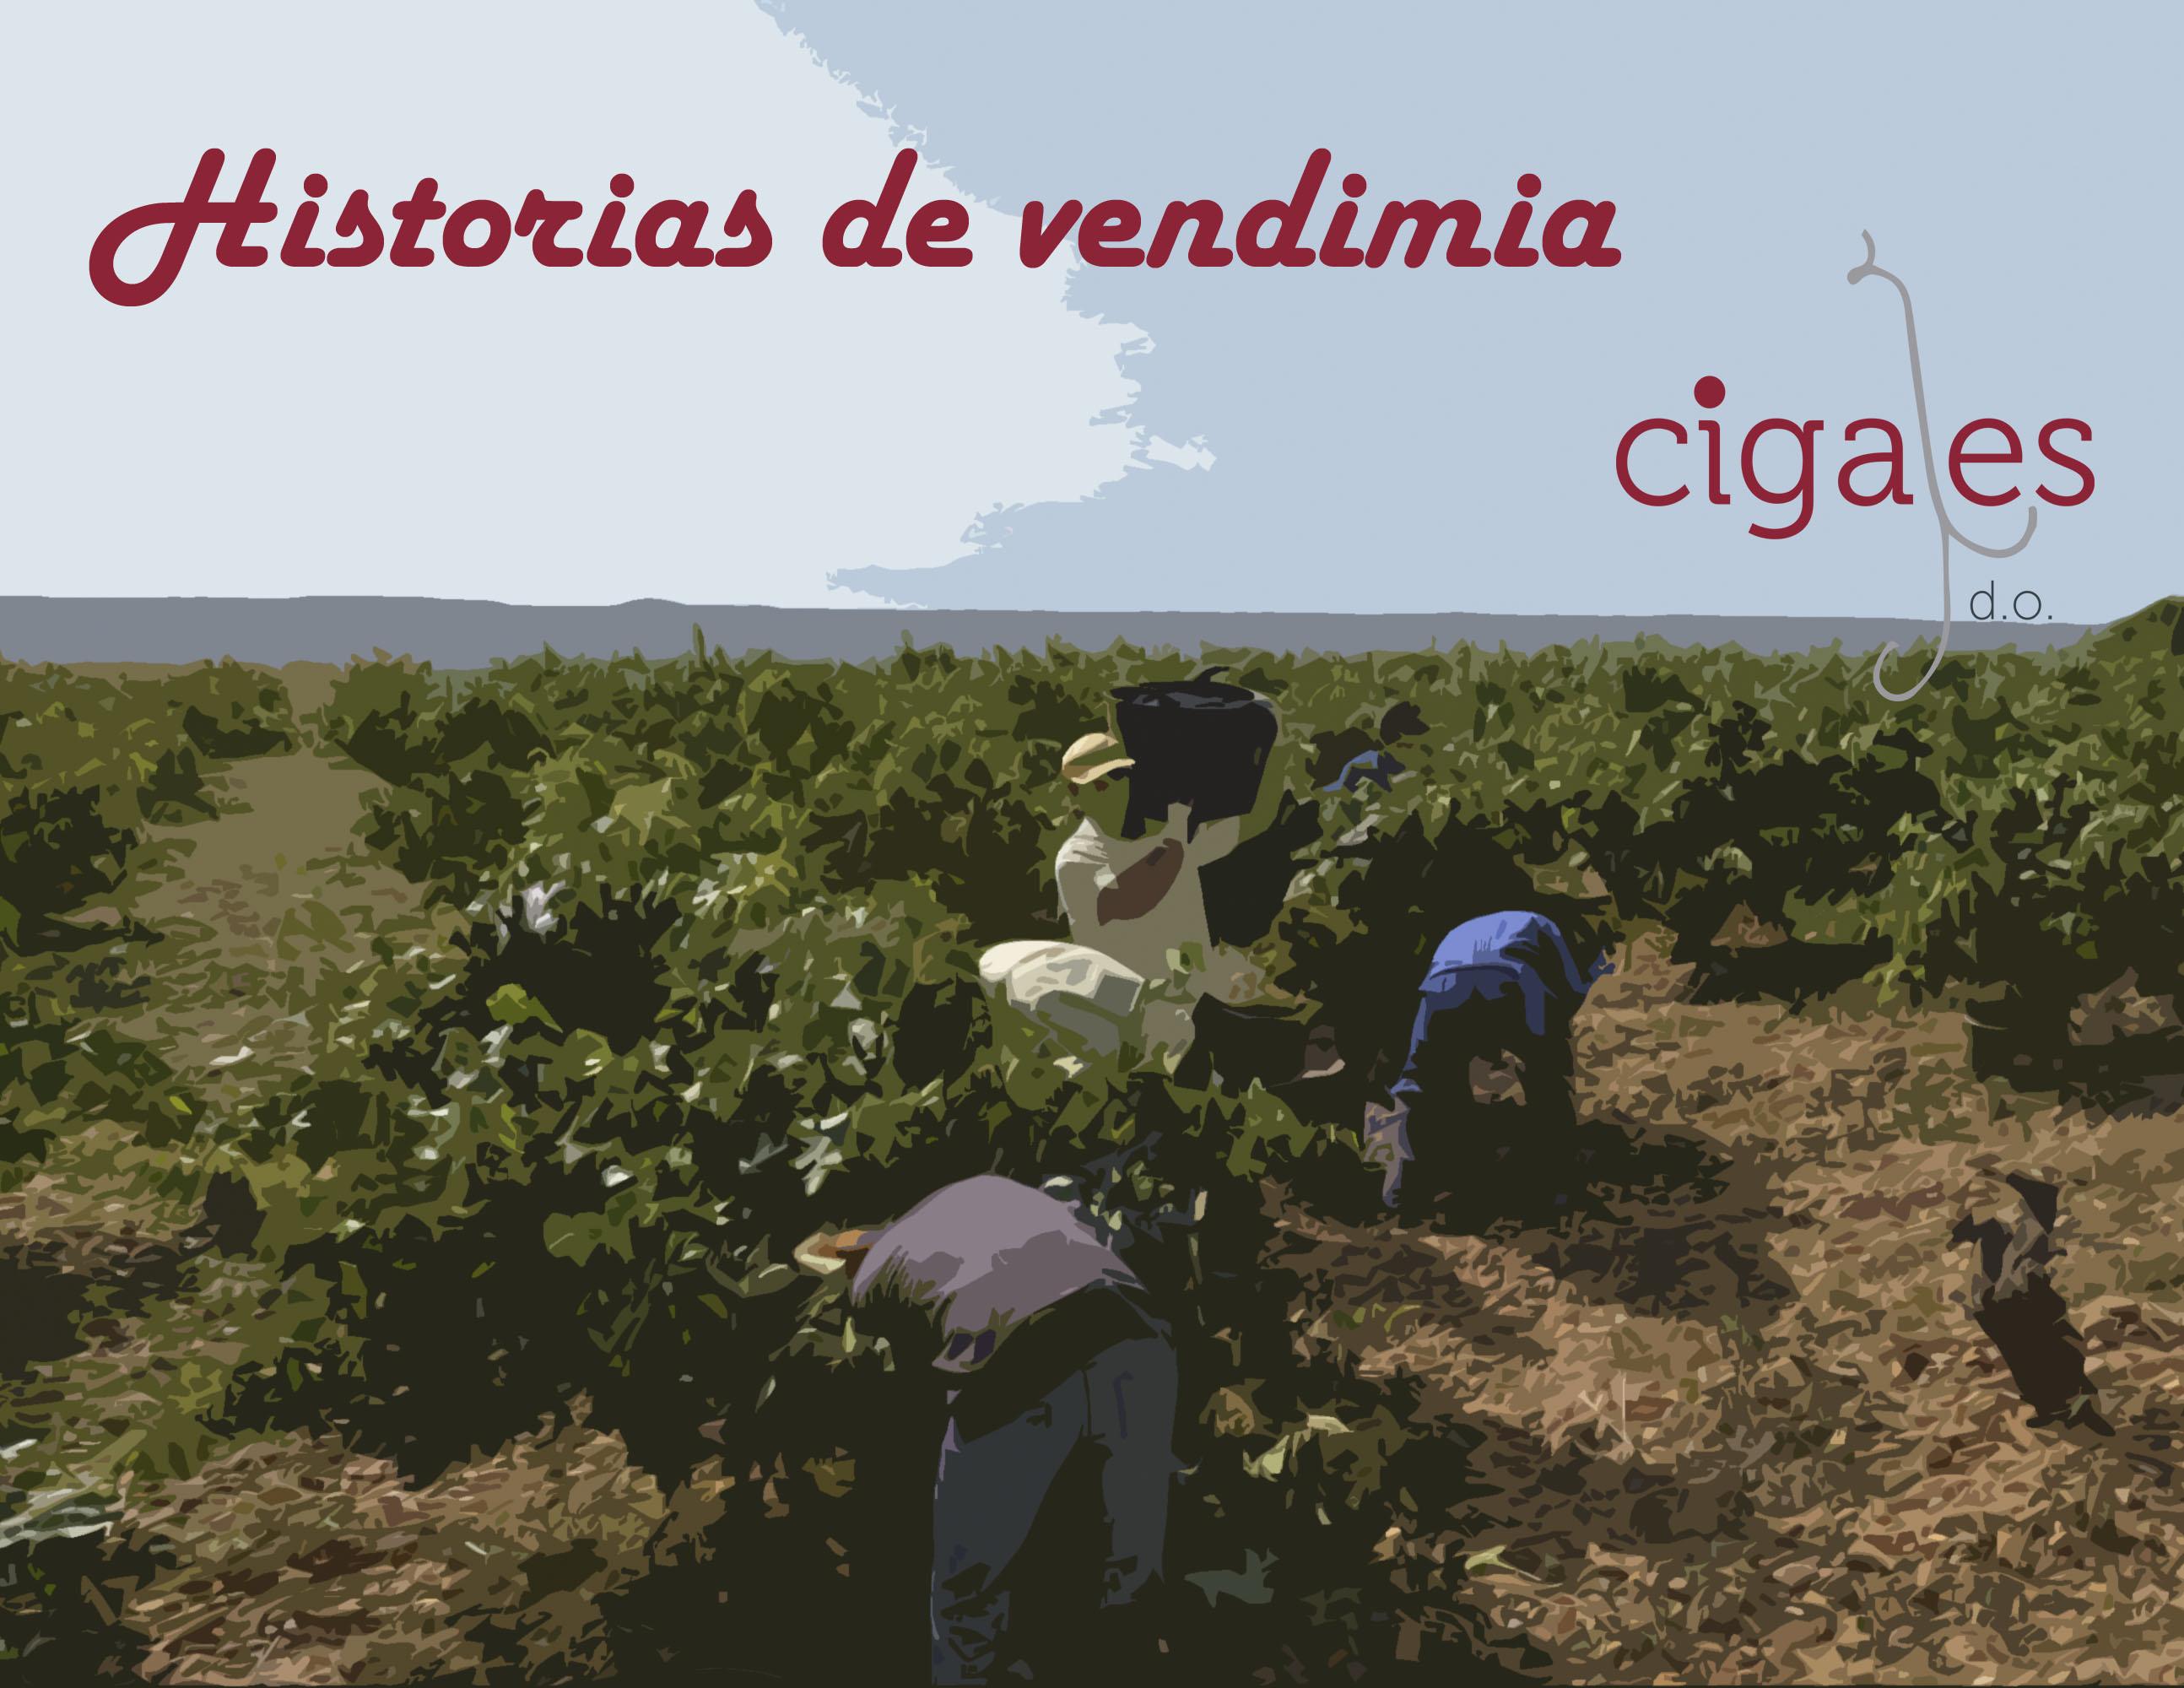 La Vendimia en la DO Cigales comienza hoy en Cubillas de Santa Marta y Corcos del Valle